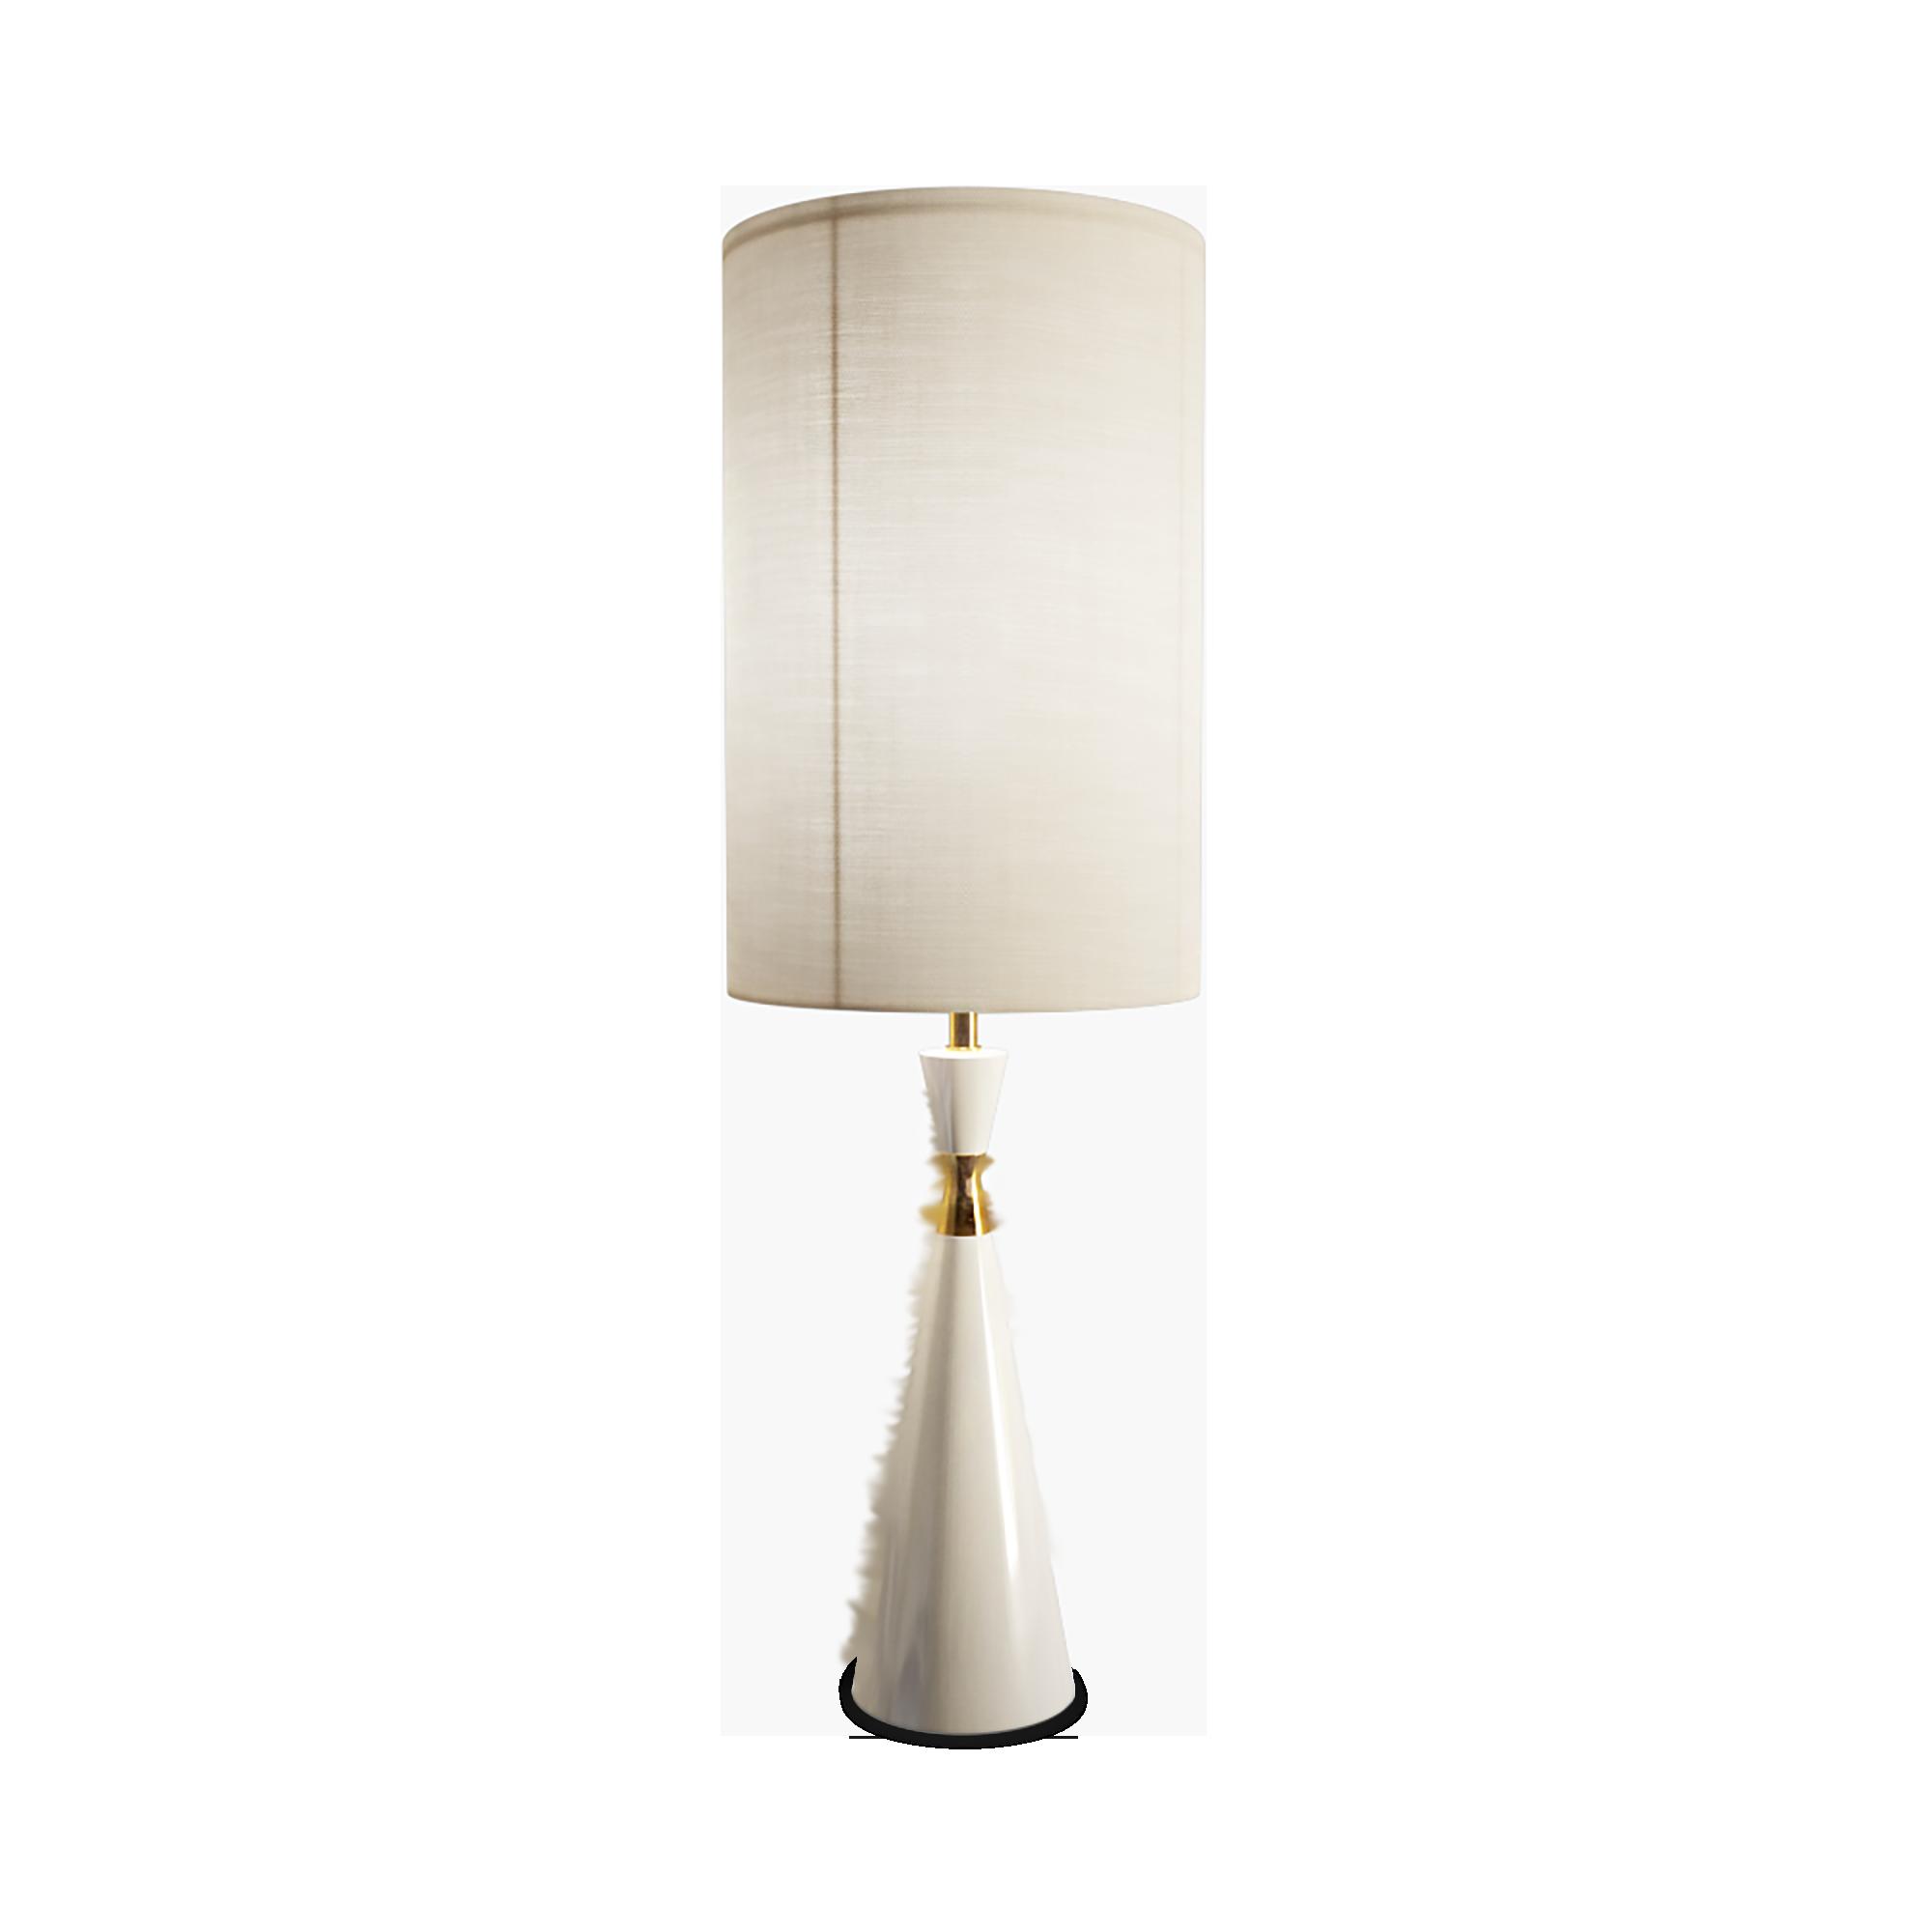 Настольная лампа Any-Home SN004 - SN004 | AnyHome.ru